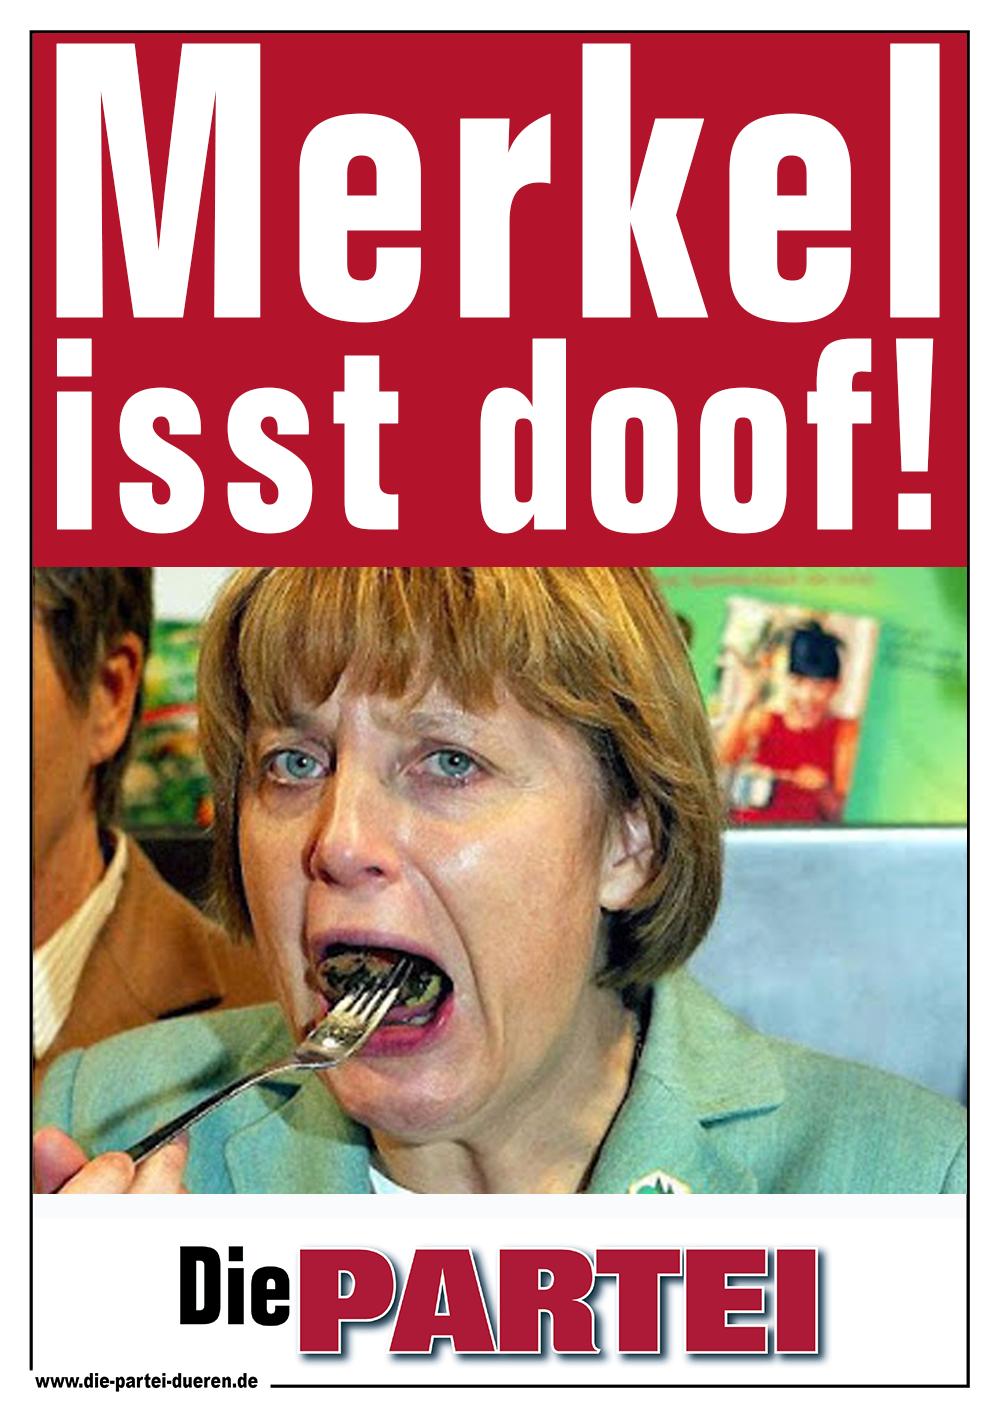 die-Partei-Düren-Merkel-isst-doof